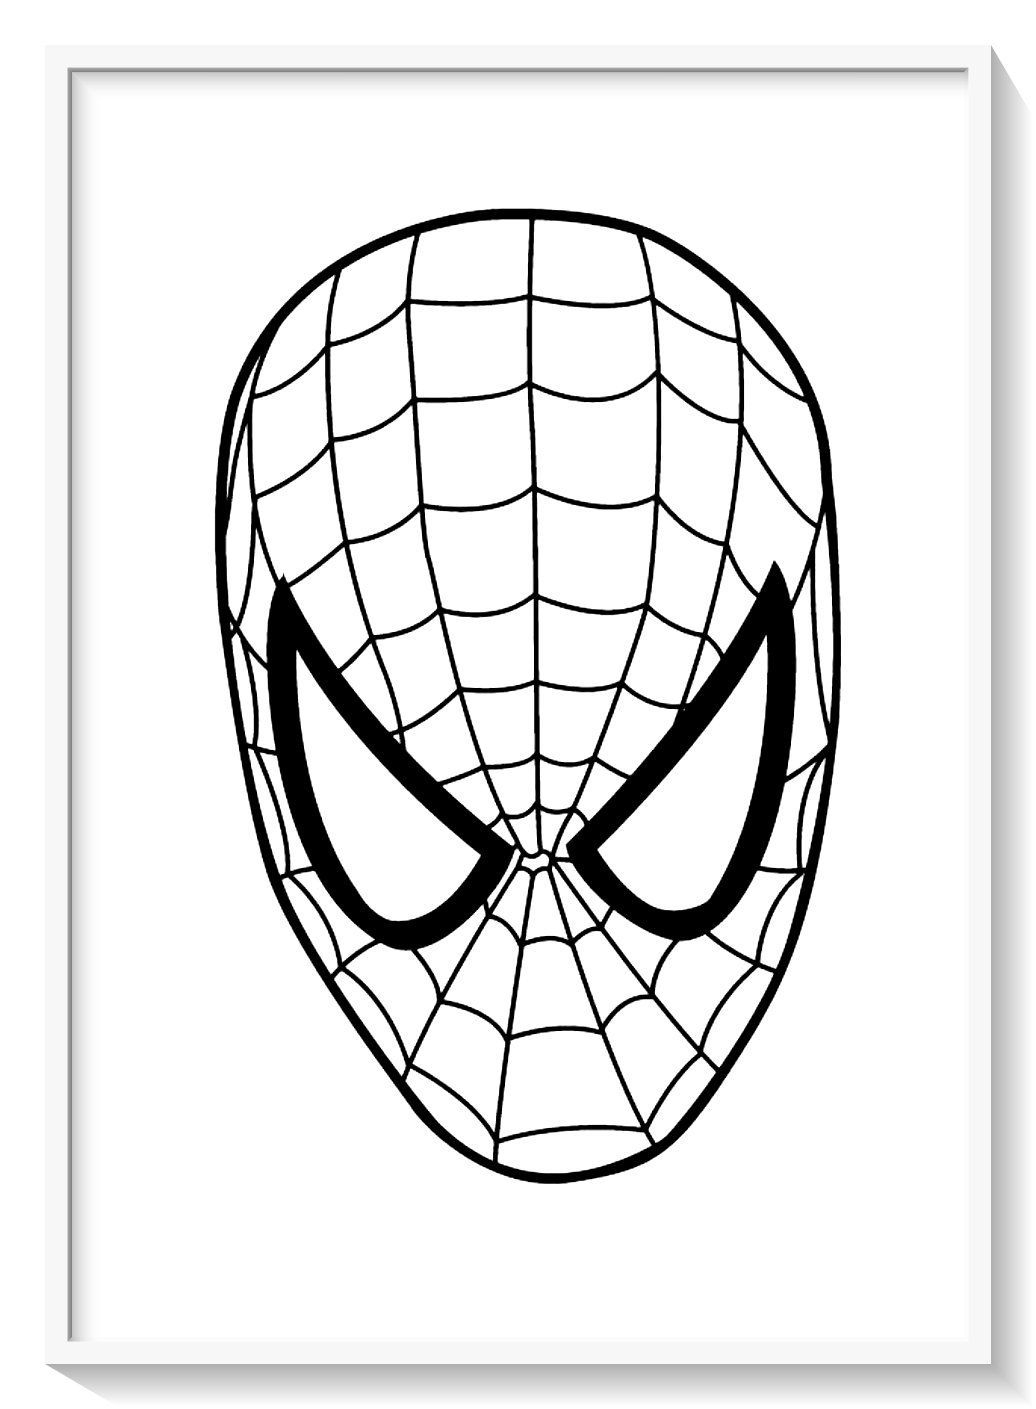 Los Mas Lindos Dibujos De Spiderman Hombre Arana Para Colorear Y Pintar A Todo Color Im Calabaza De Spiderman Hombre Arana Para Pintar Spiderman Para Pintar